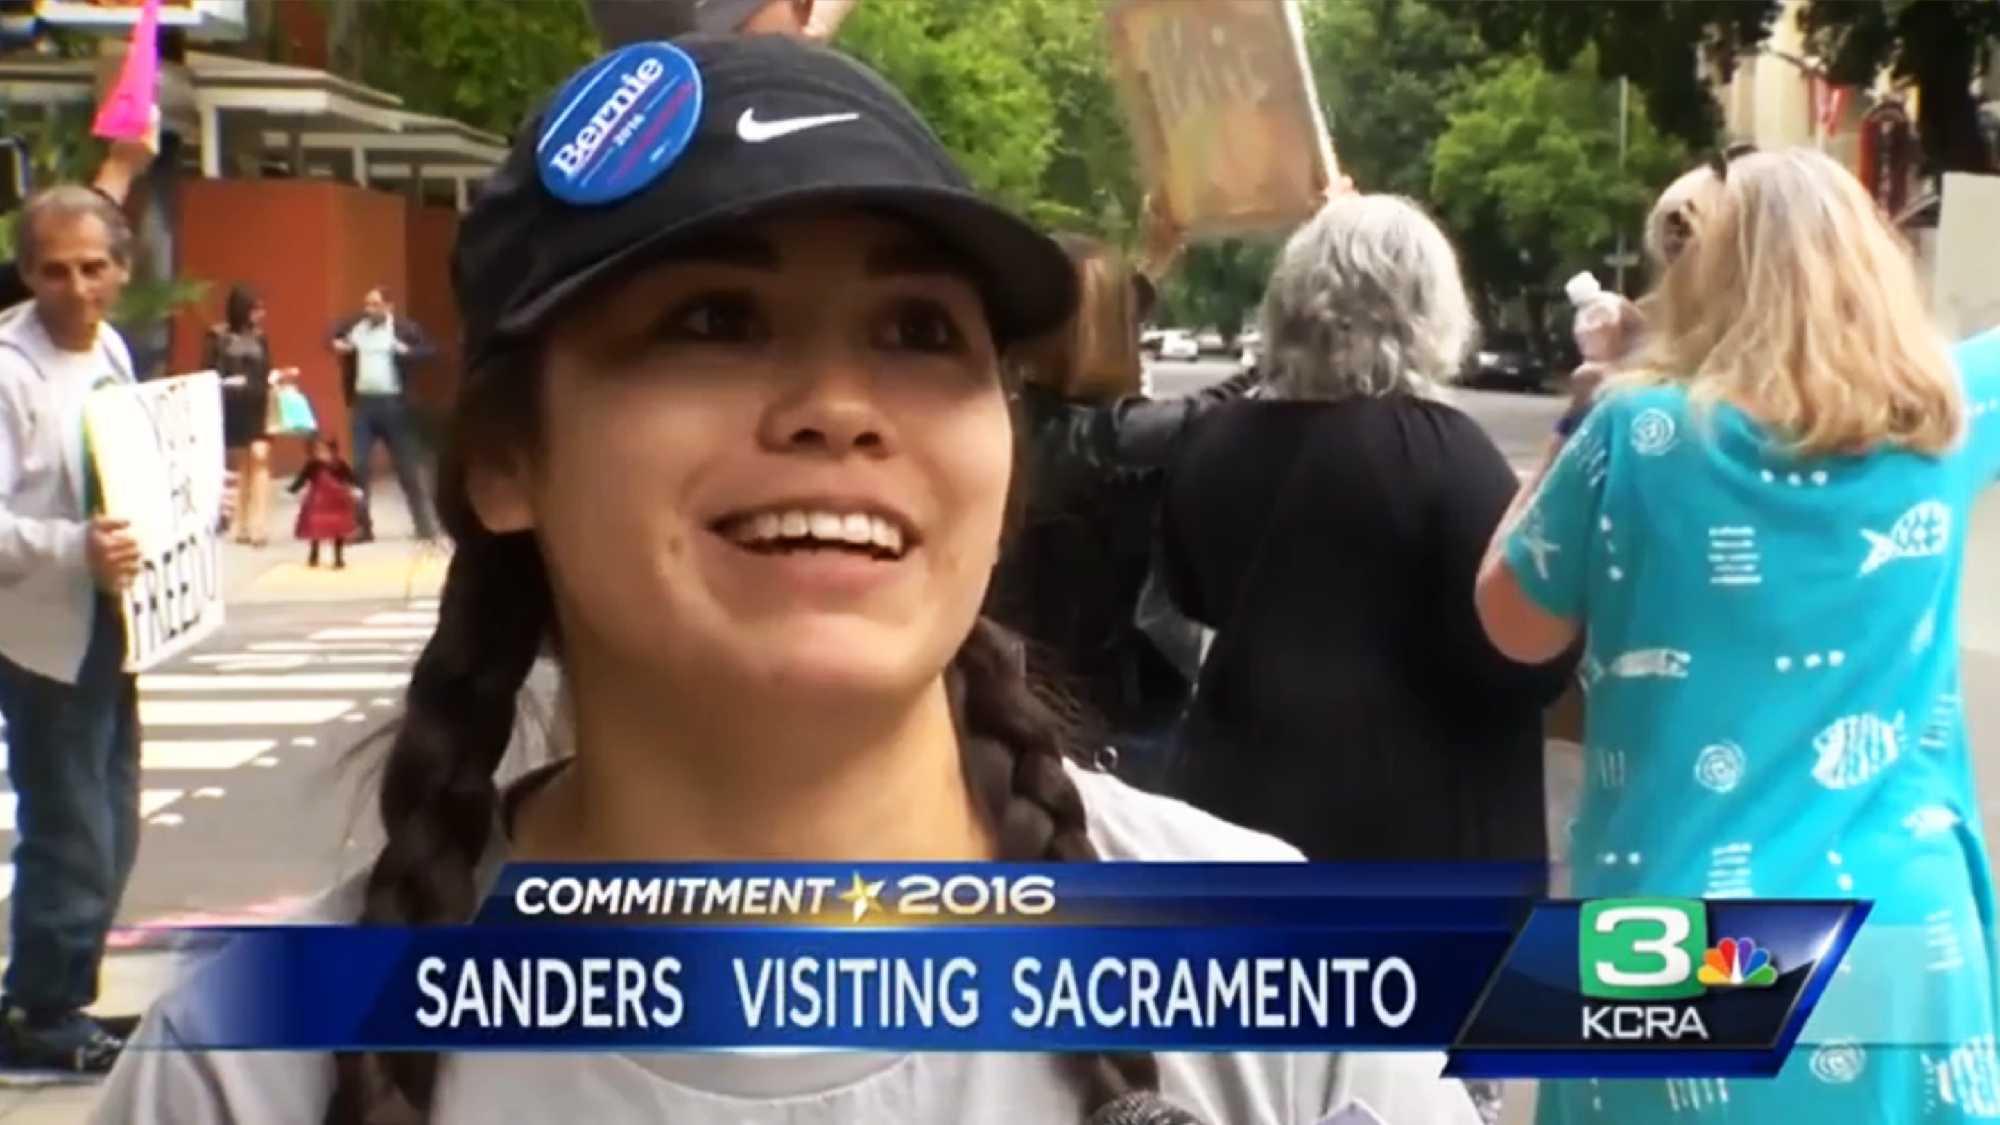 Sanders in Sac